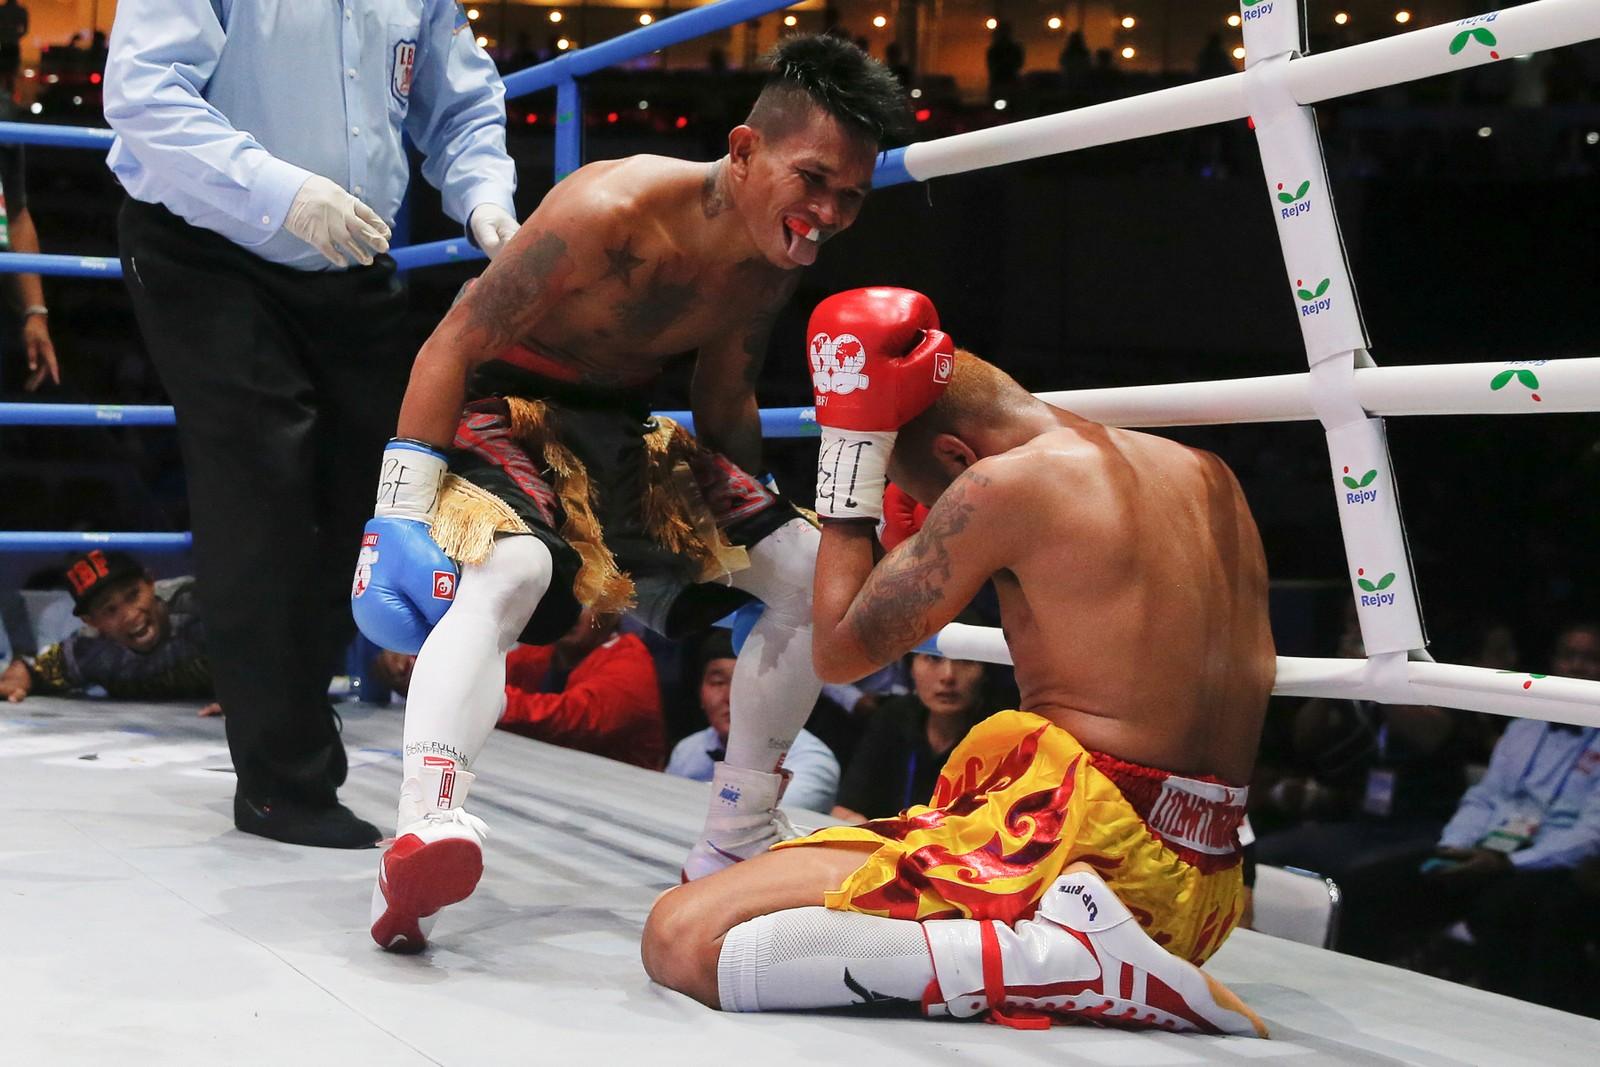 VINNERGEIP: John Riel Casimero fra Filippinene (t.v.) viste onsdag Amnat Ruenroeng fra Thailand hvem som er konge i ringen. Ruenroeng var regjerende International Boxing Federation-mester i fluevekt før kampen.